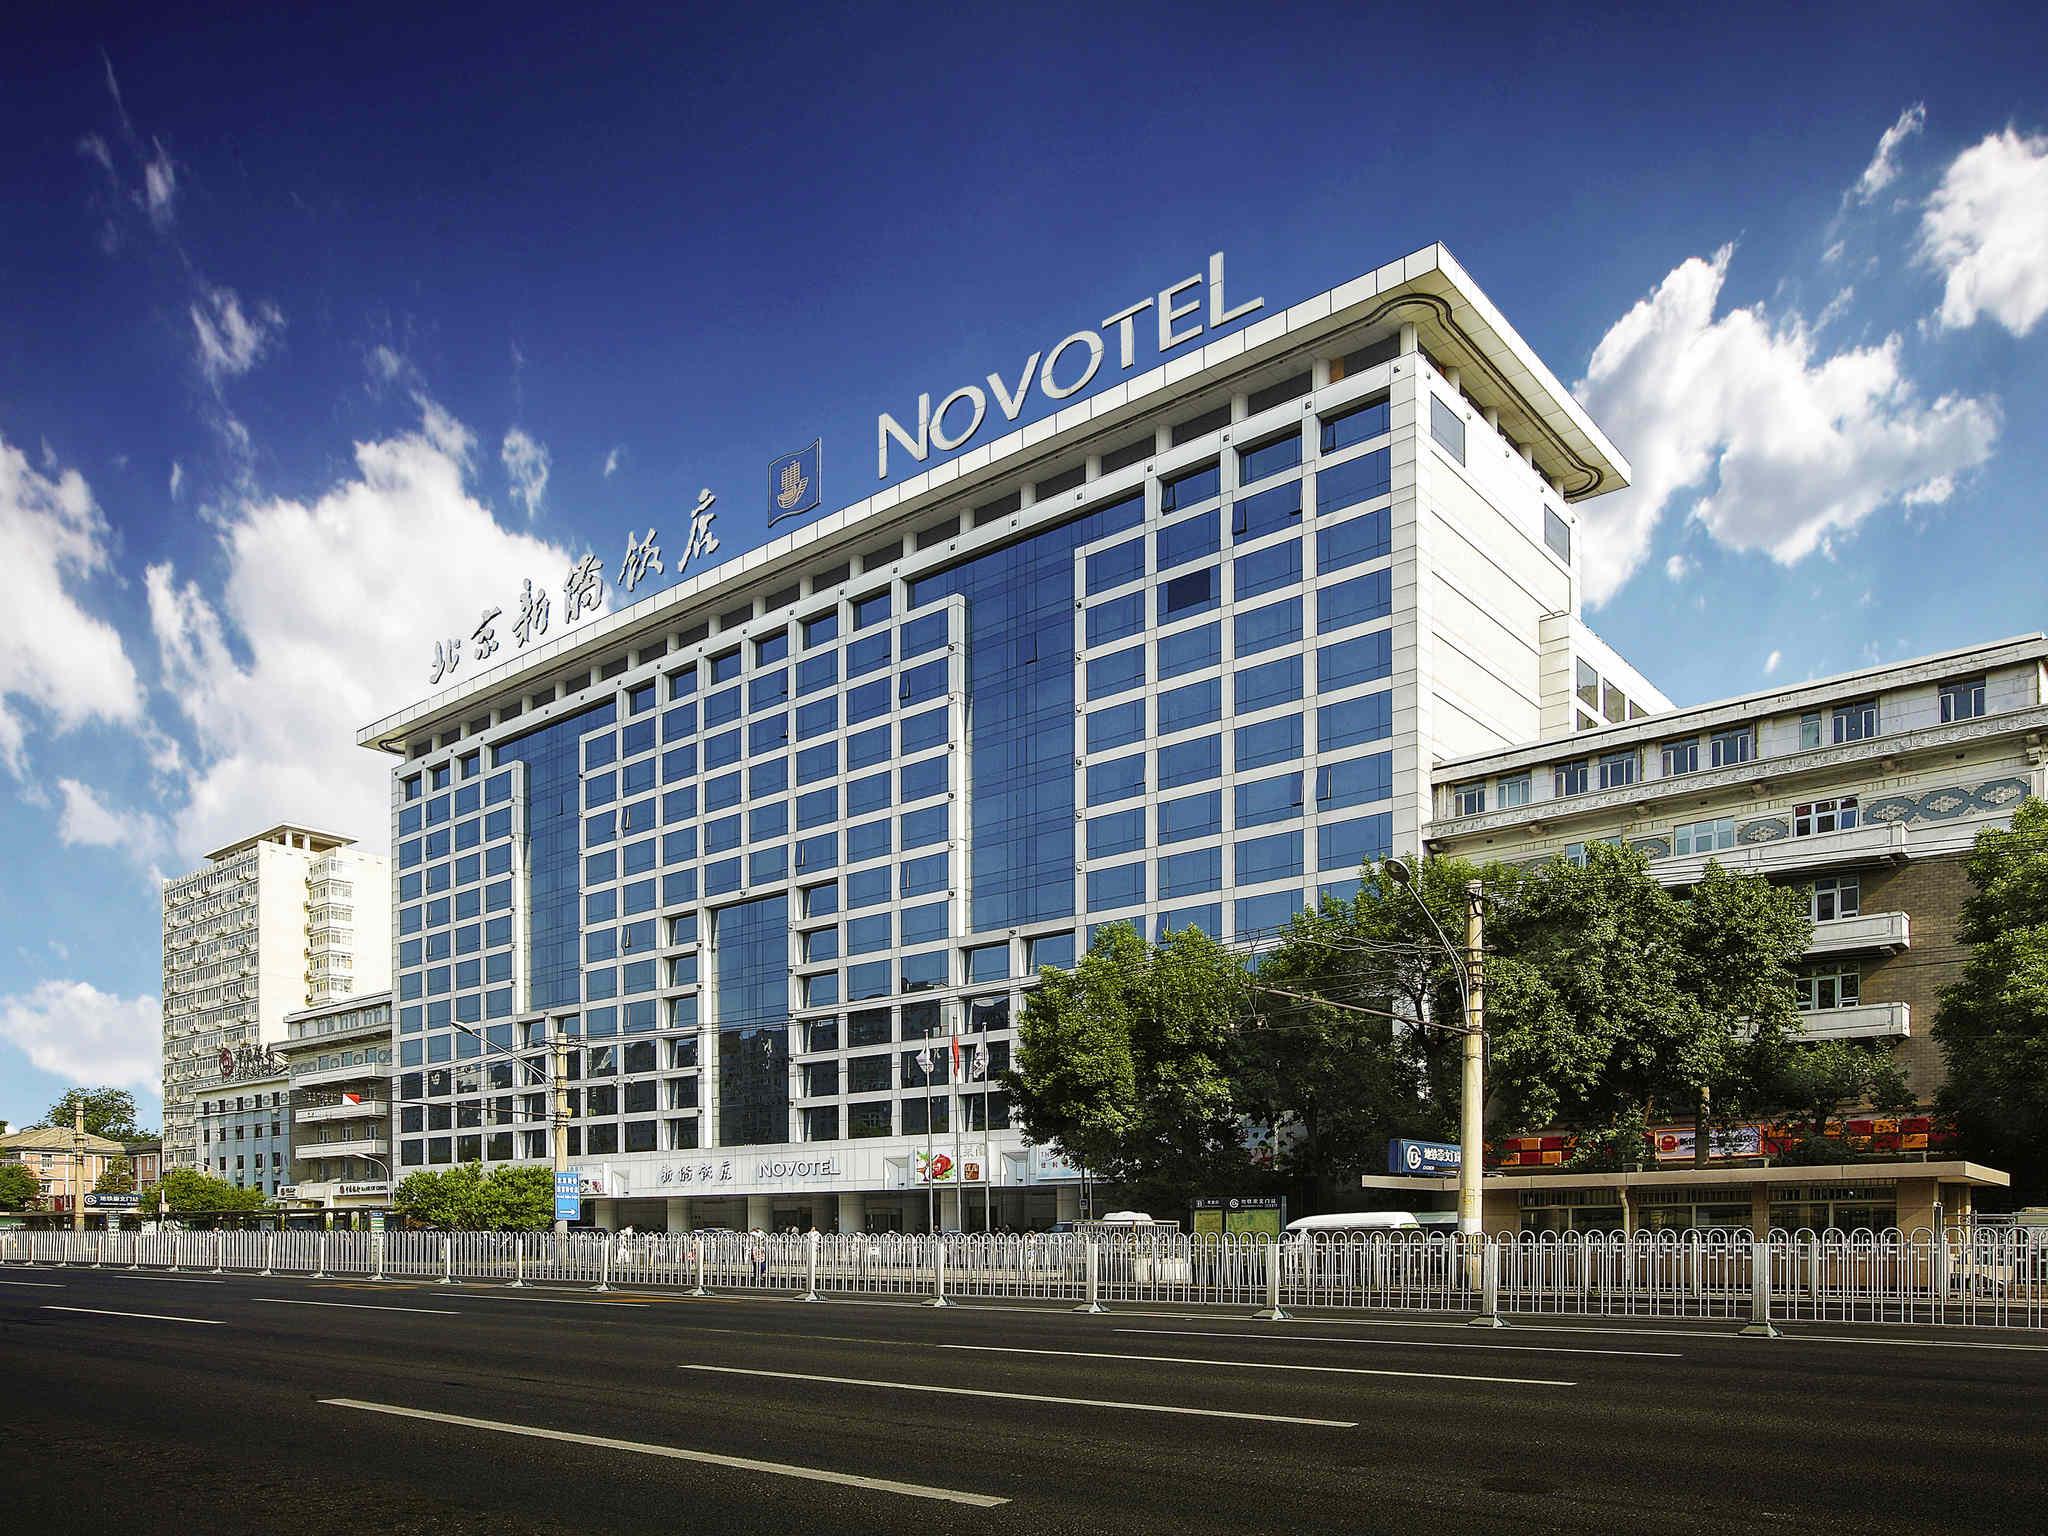 โรงแรม – โนโวเทล ปักกิ่ง ซินเฉียว